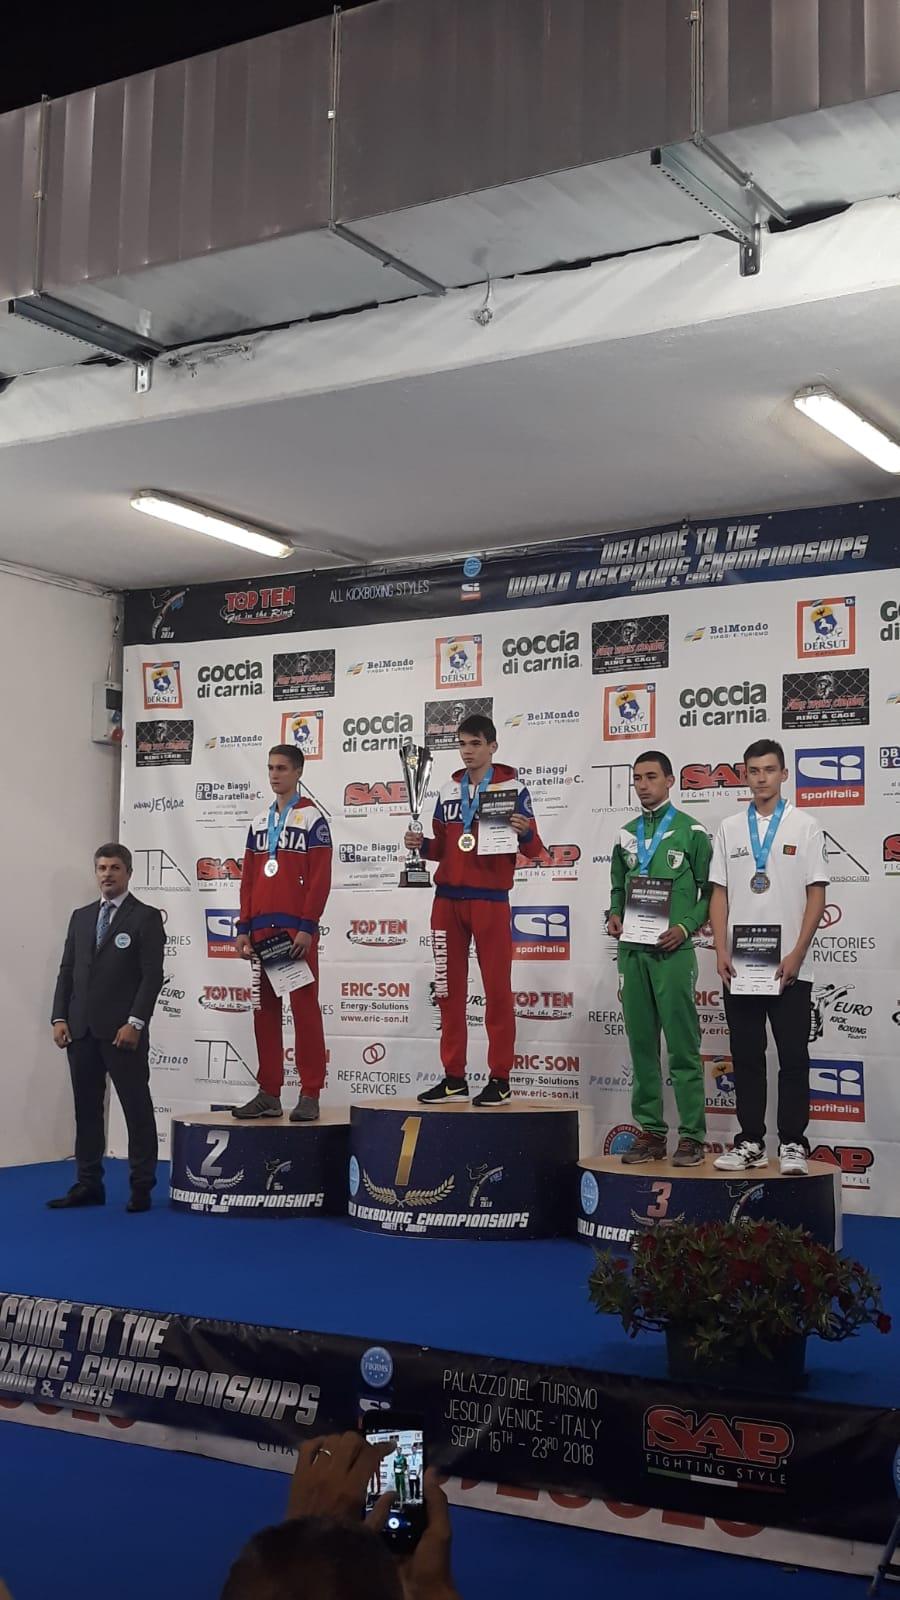 Artur Karlov, à direita na imagem, a receber a medalha de bronze na competição.